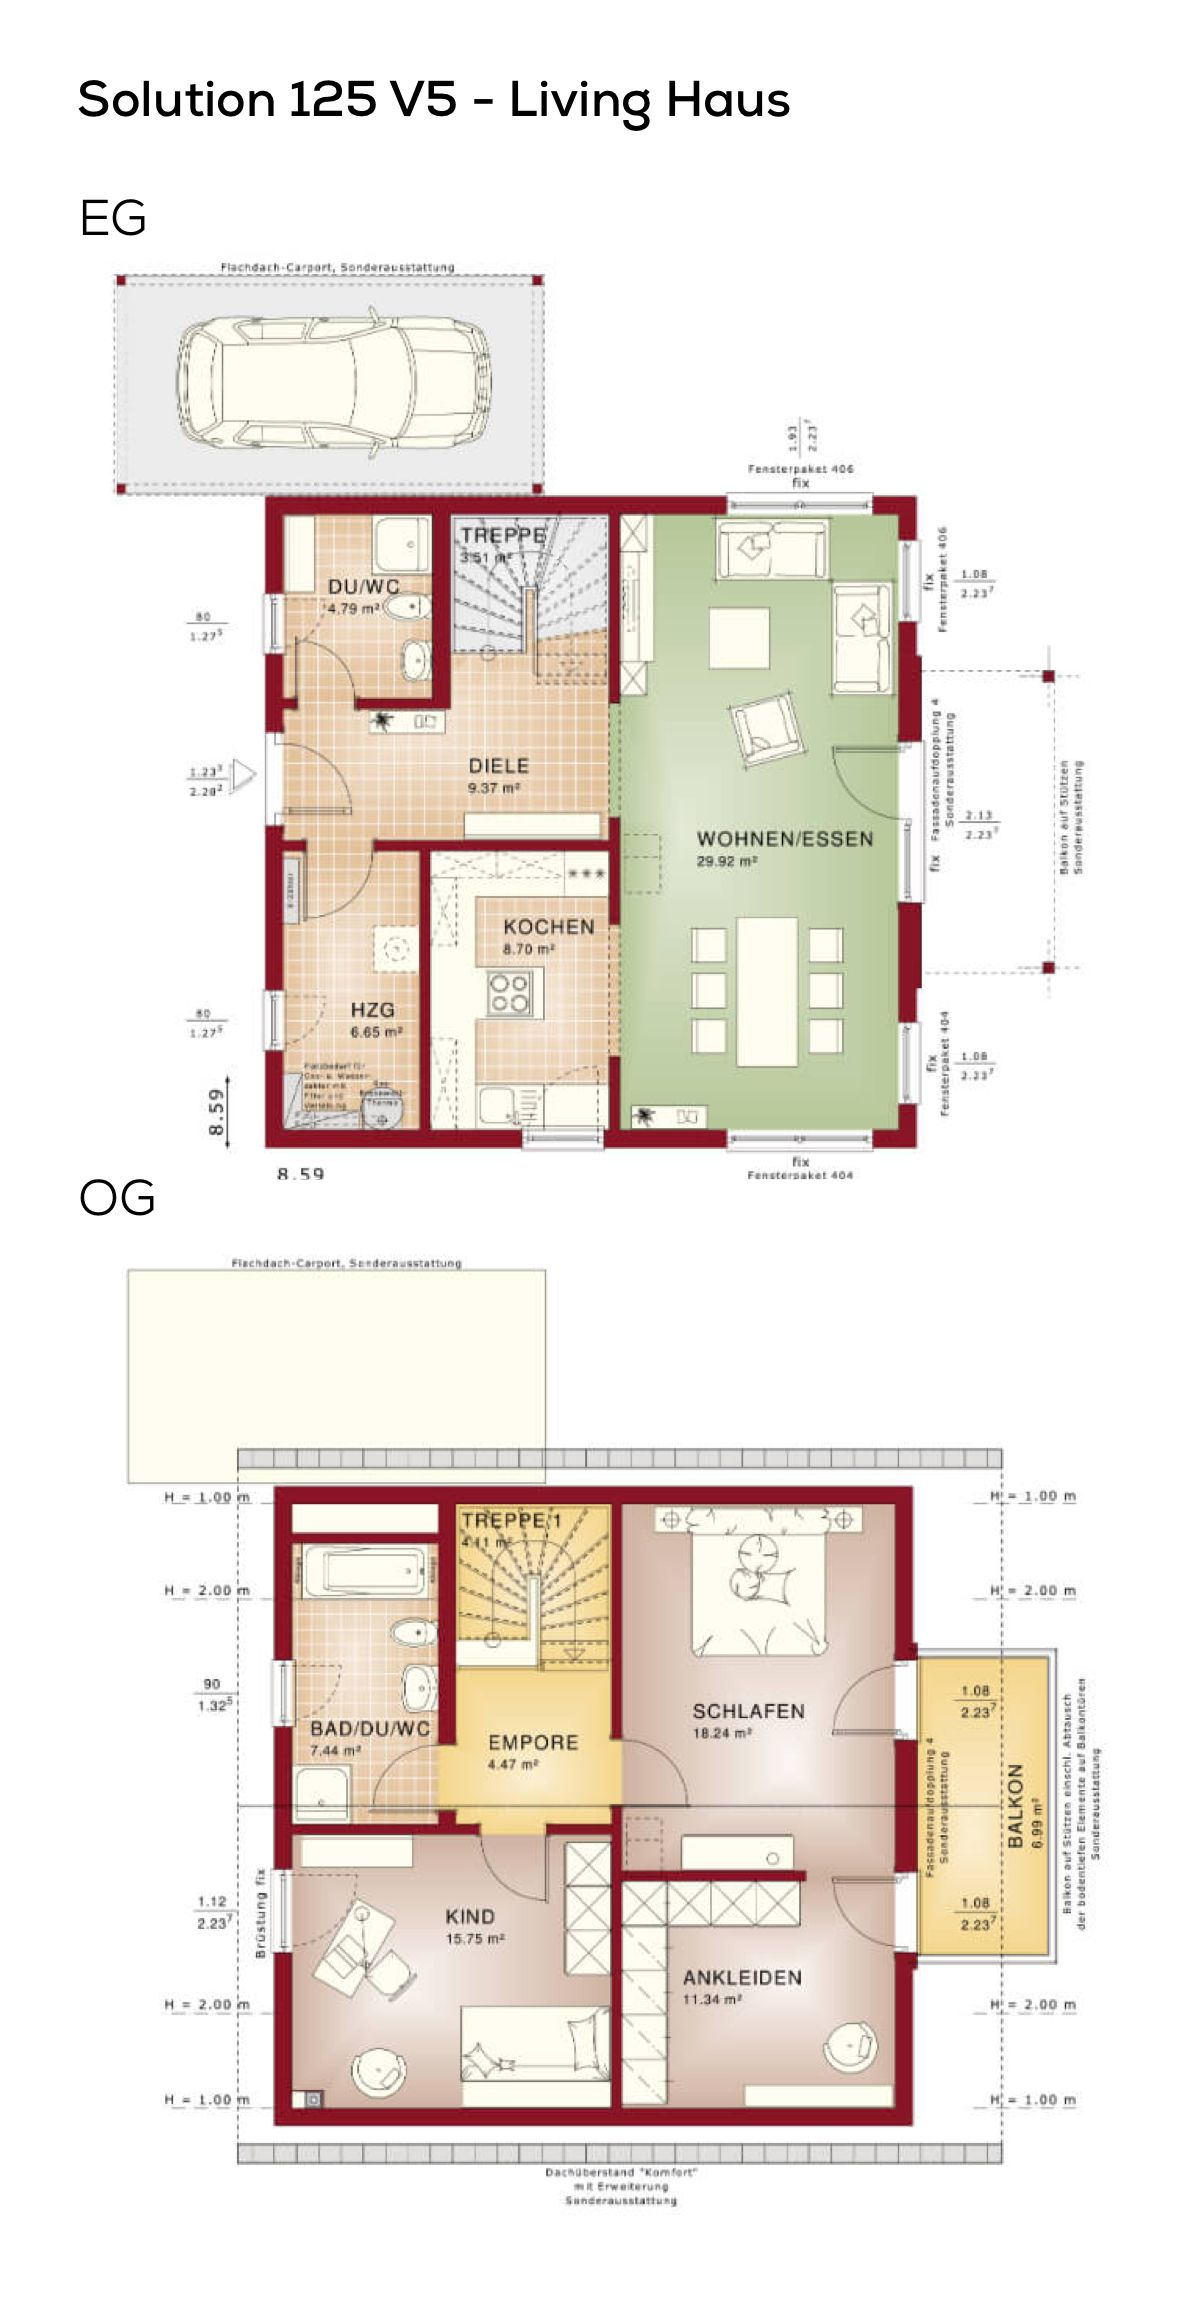 grundriss einfamilienhaus mit satteldach carport 3 zimmer 124 qm wohnfl che ohne keller. Black Bedroom Furniture Sets. Home Design Ideas